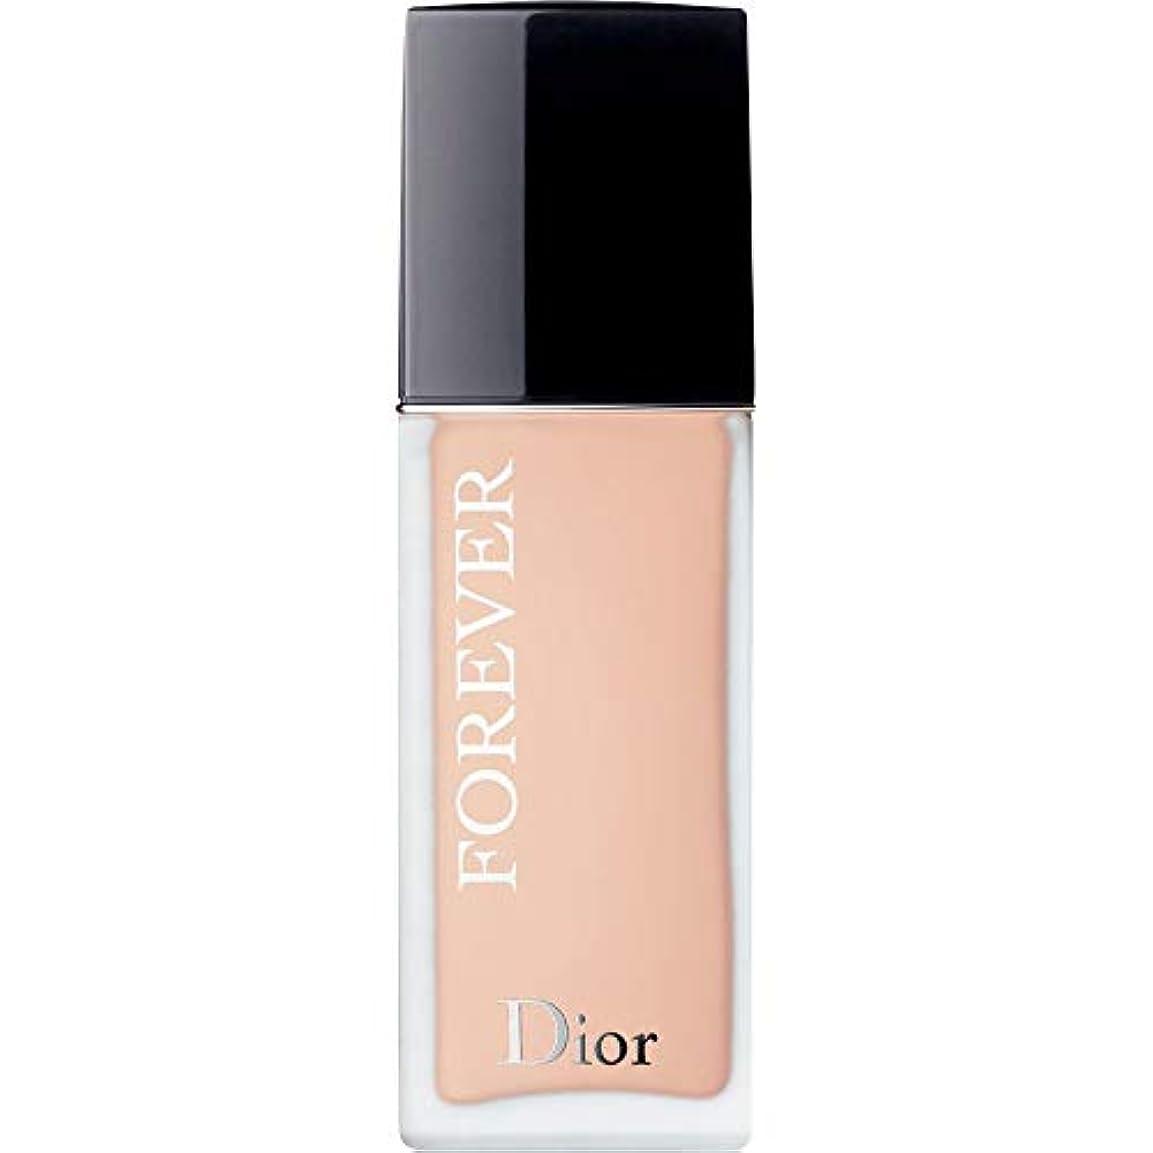 れんが私達によると[Dior ] ディオール永遠皮膚思いやりの基礎Spf35 30ミリリットル1Cに - クール(つや消し) - DIOR Forever Skin-Caring Foundation SPF35 30ml 1C - Cool...